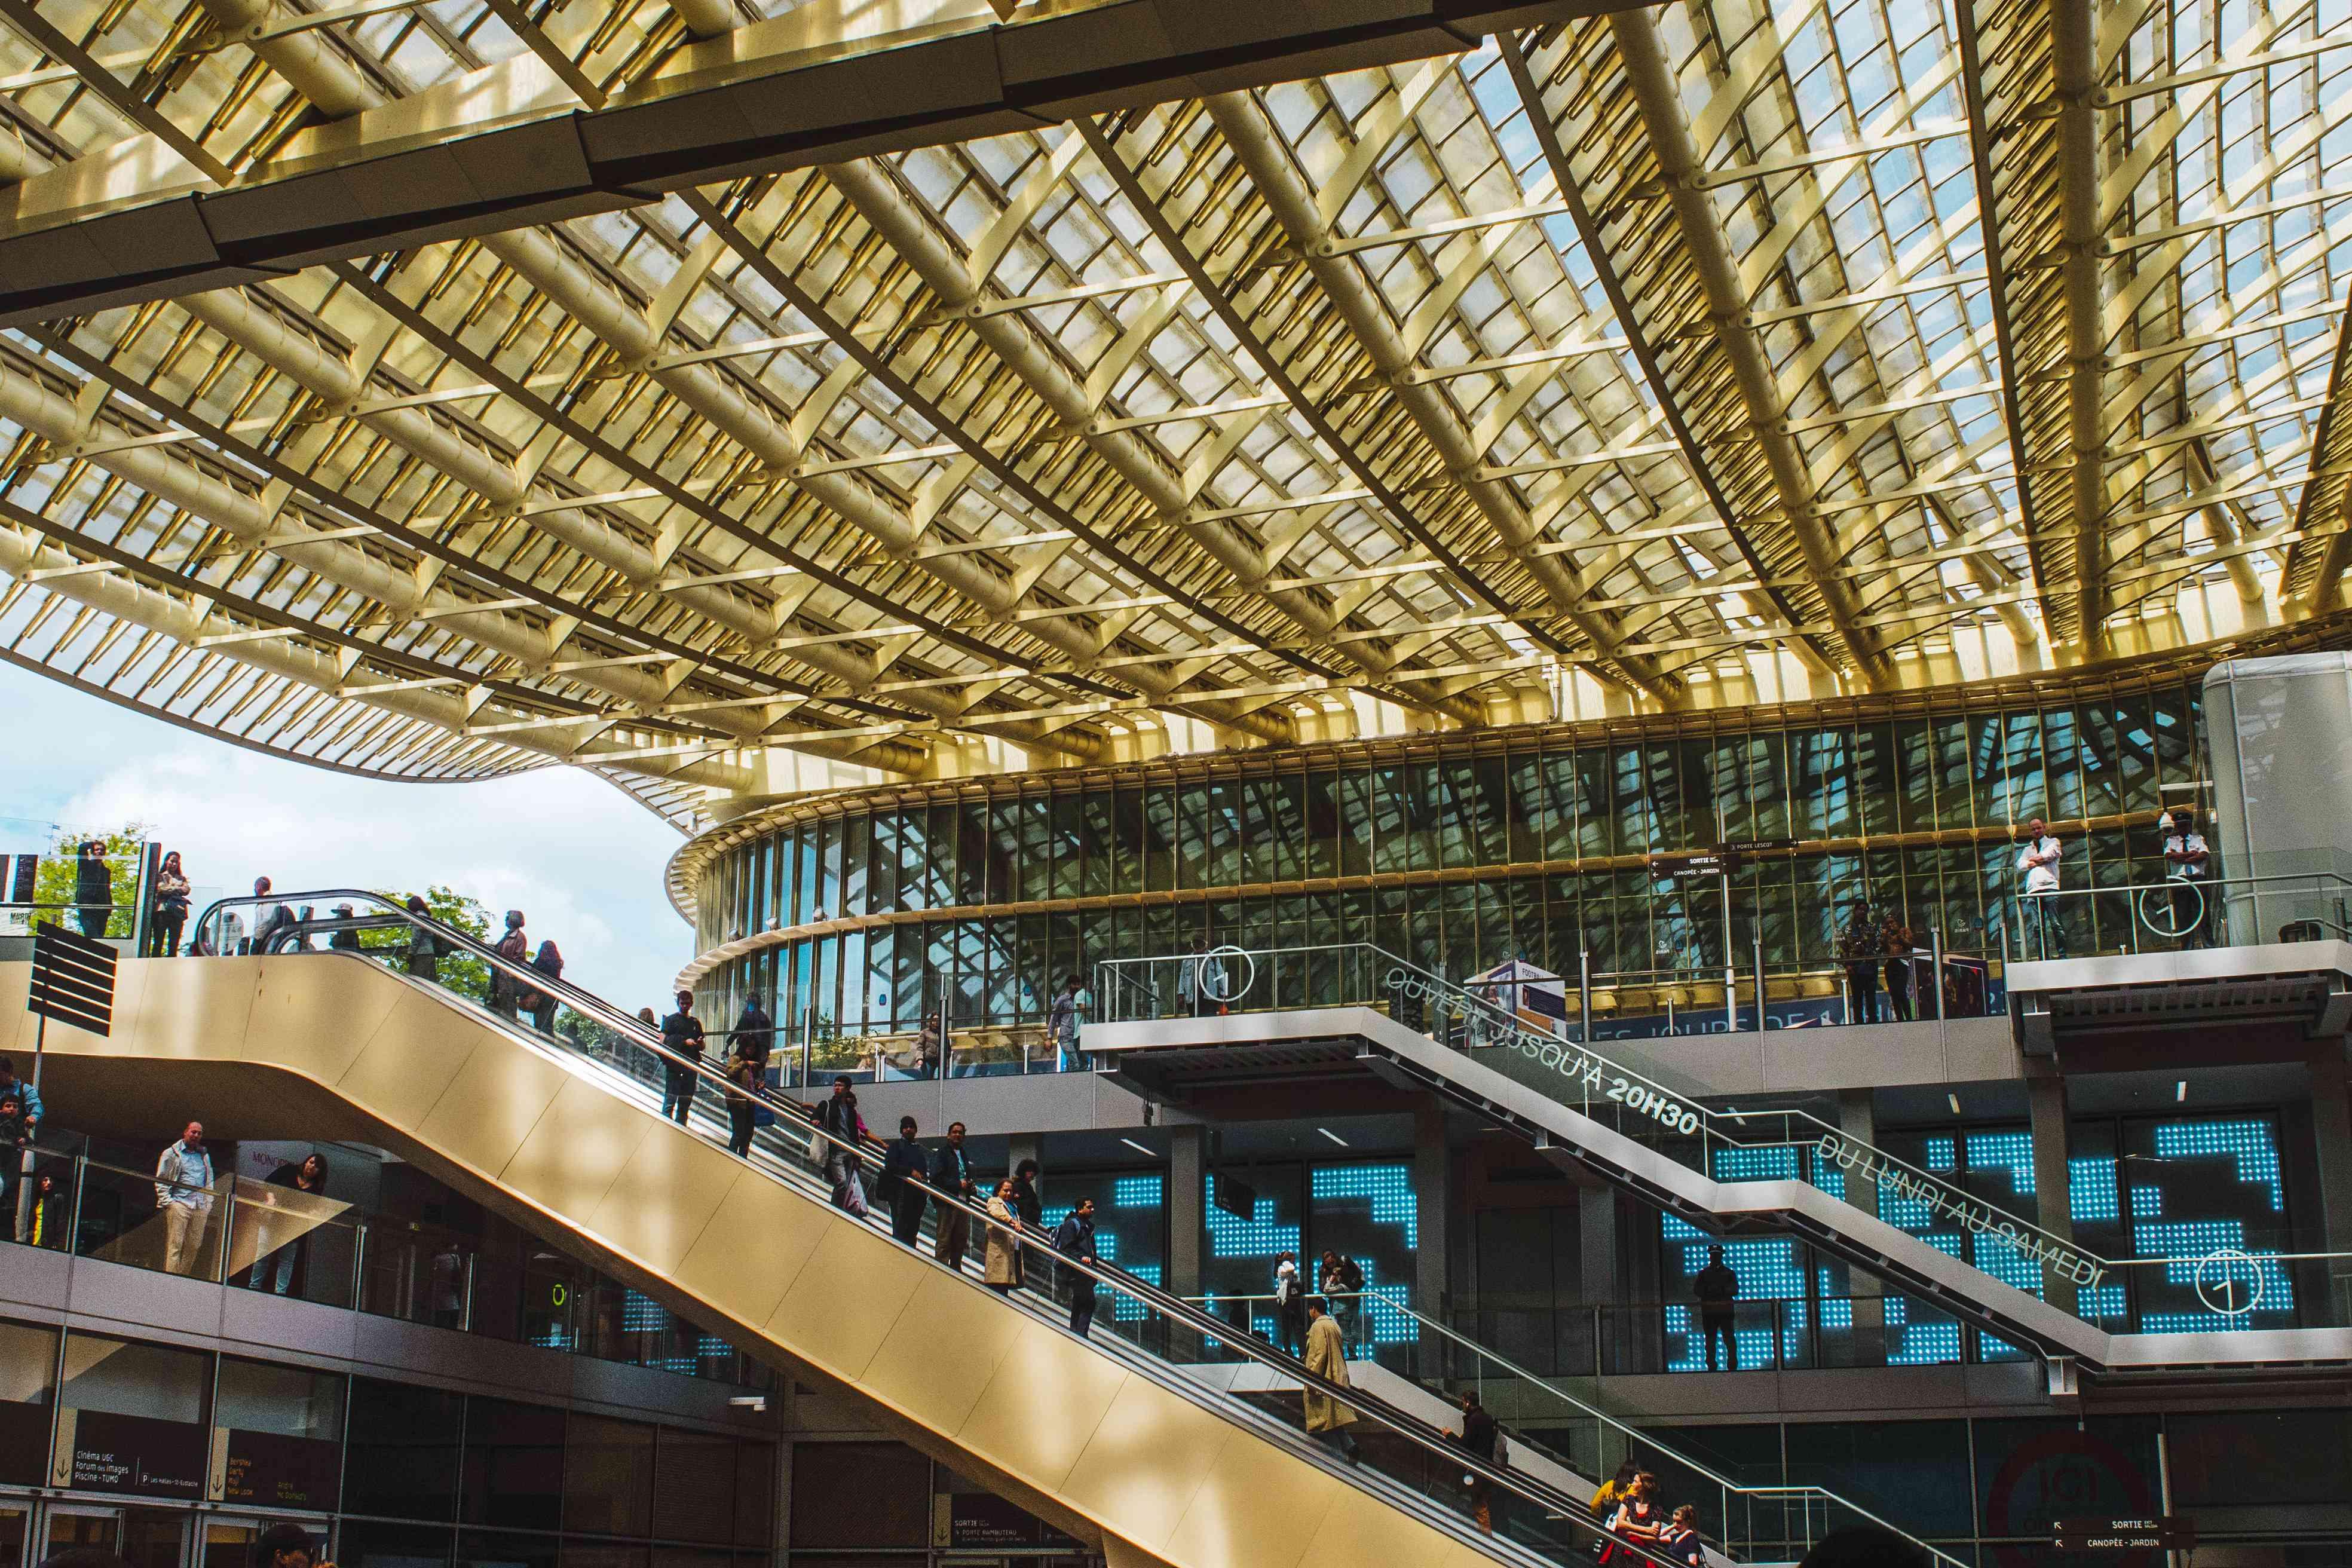 Escalators at Les Halles